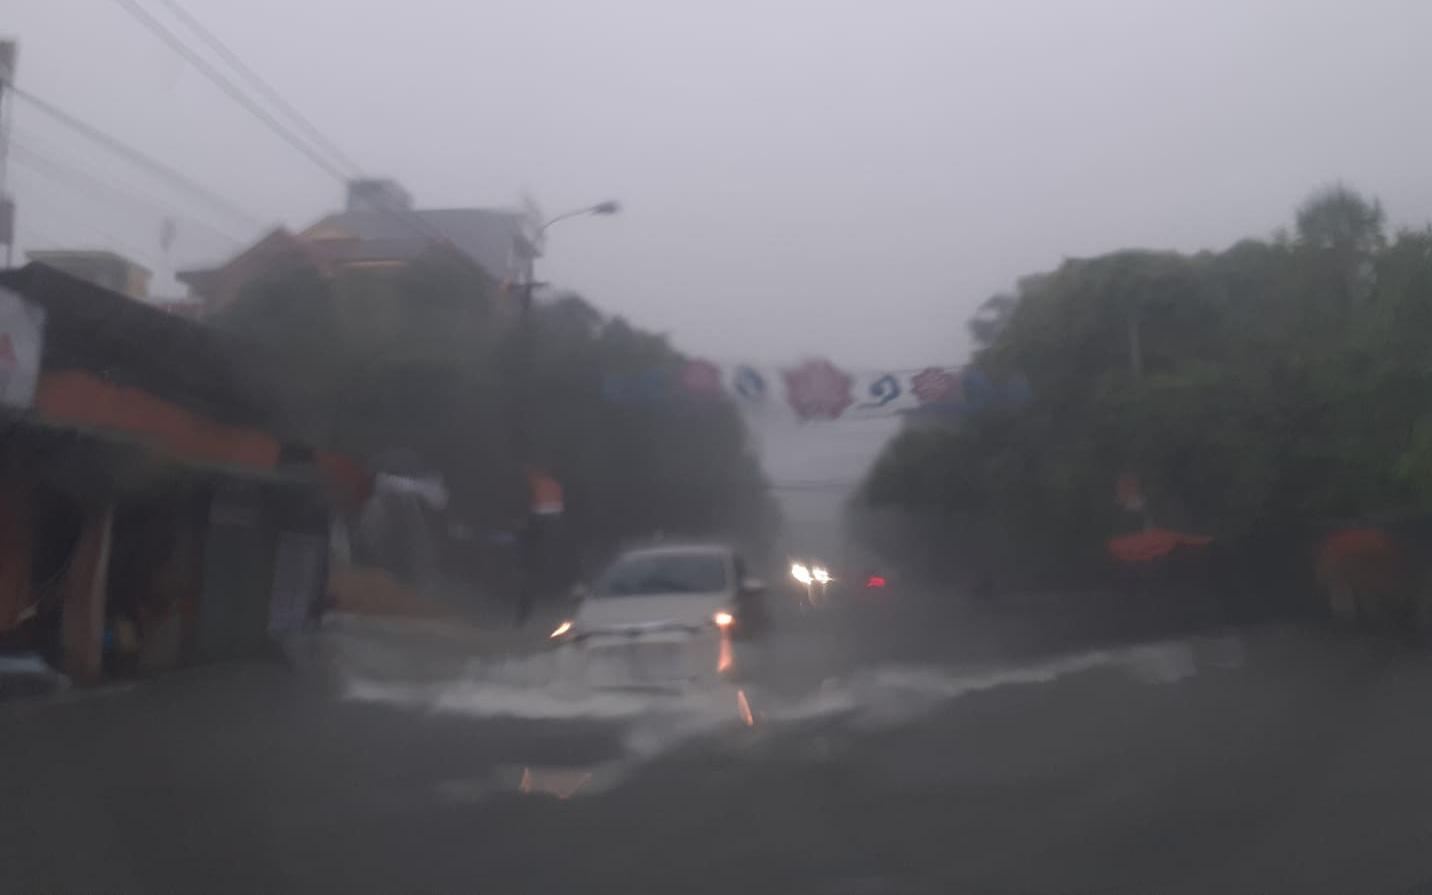 Tin tức cơn bão số 8 mới nhất: Bão giật cấp 13, cách Hoàng Sa khoảng 160km - Ảnh 1